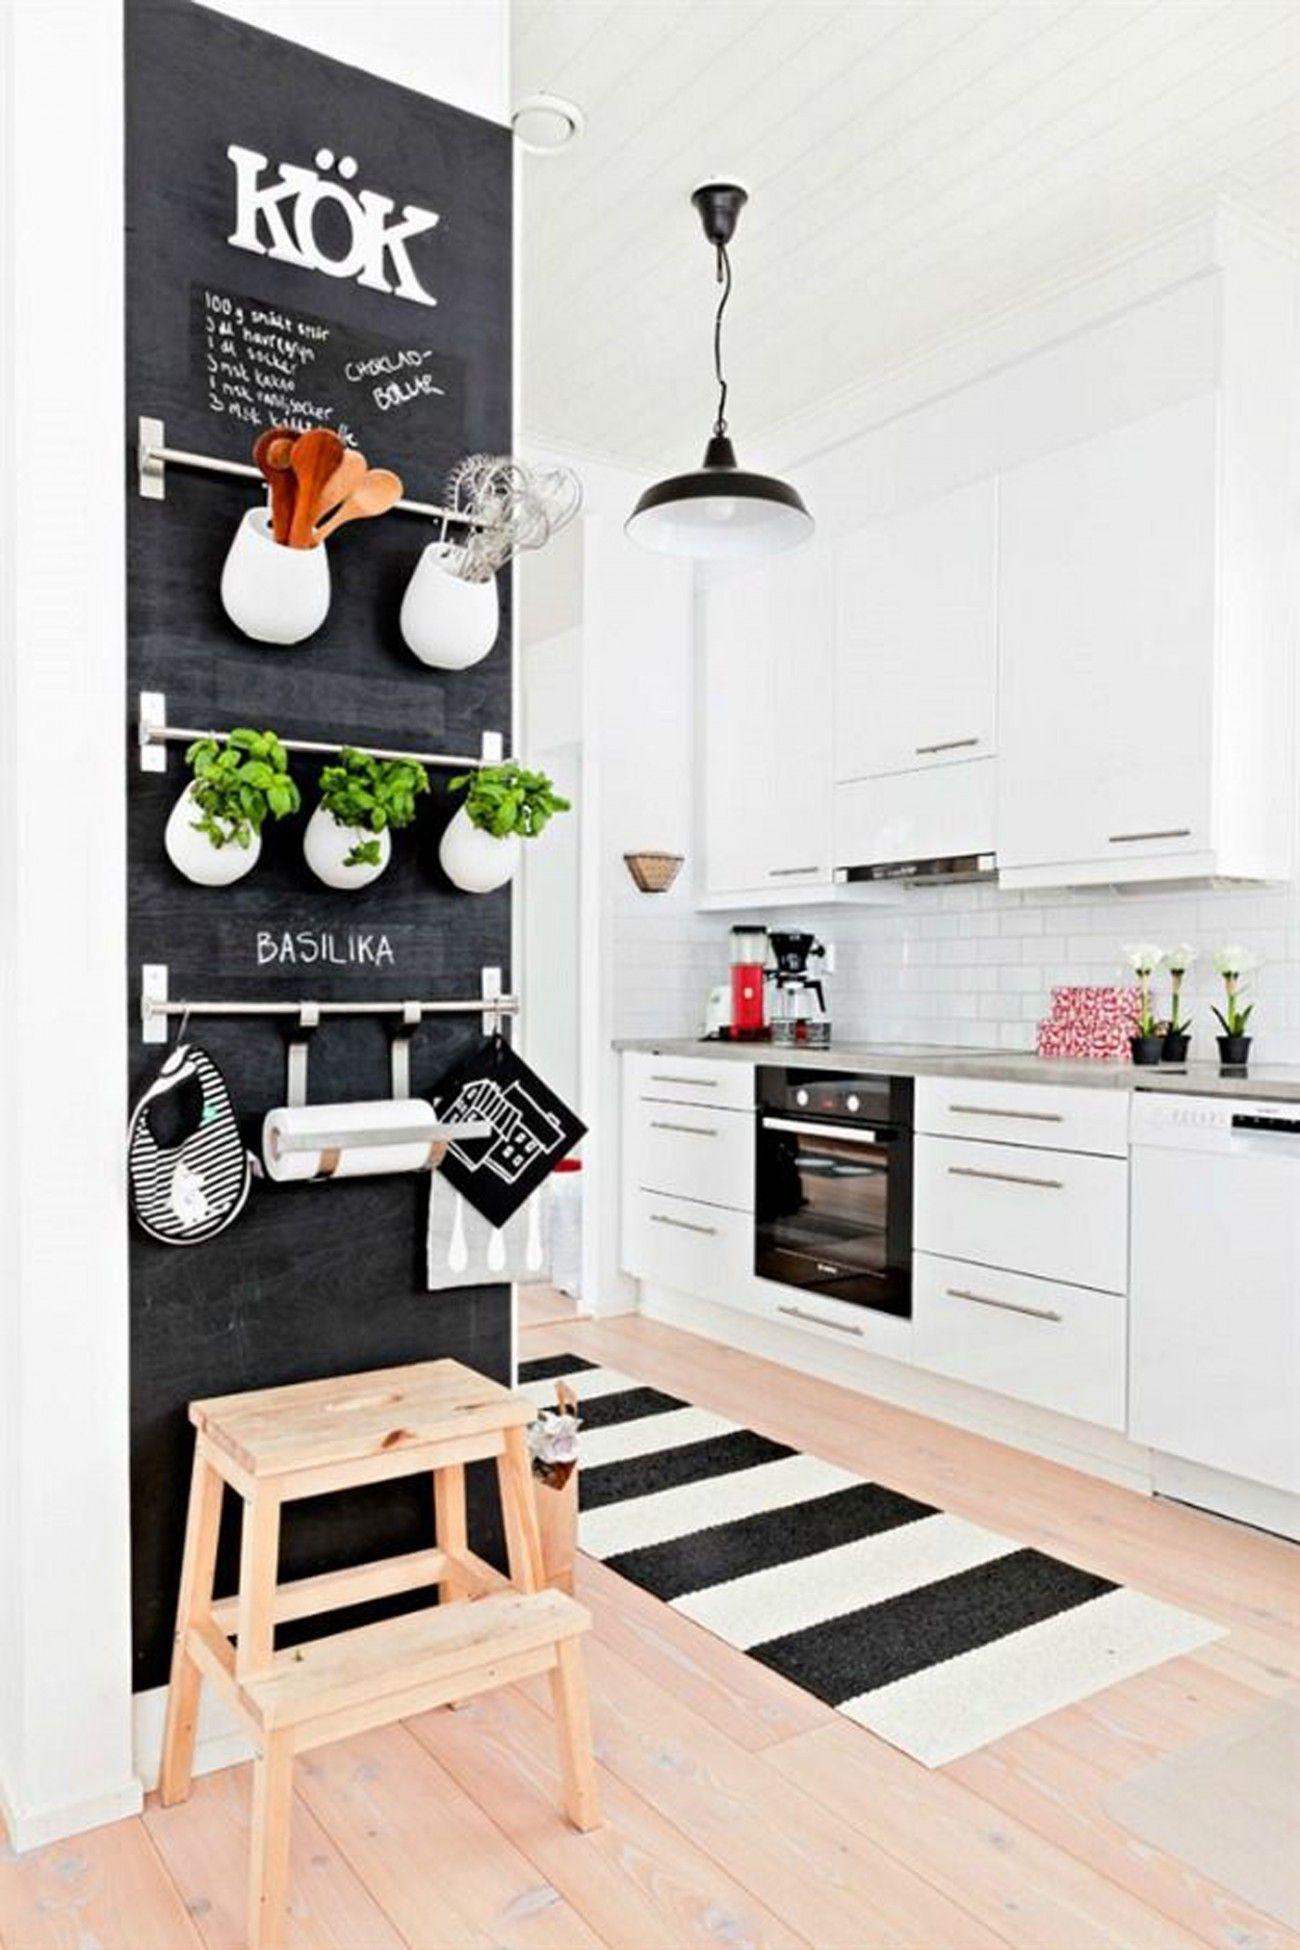 Full Size of Kreidetafel Rückwand Küche Kreidetafel Mit Magnet Für Küche Kreidetafel Küche Diy Kreidetafel Küche Ikea Küche Kreidetafel Küche